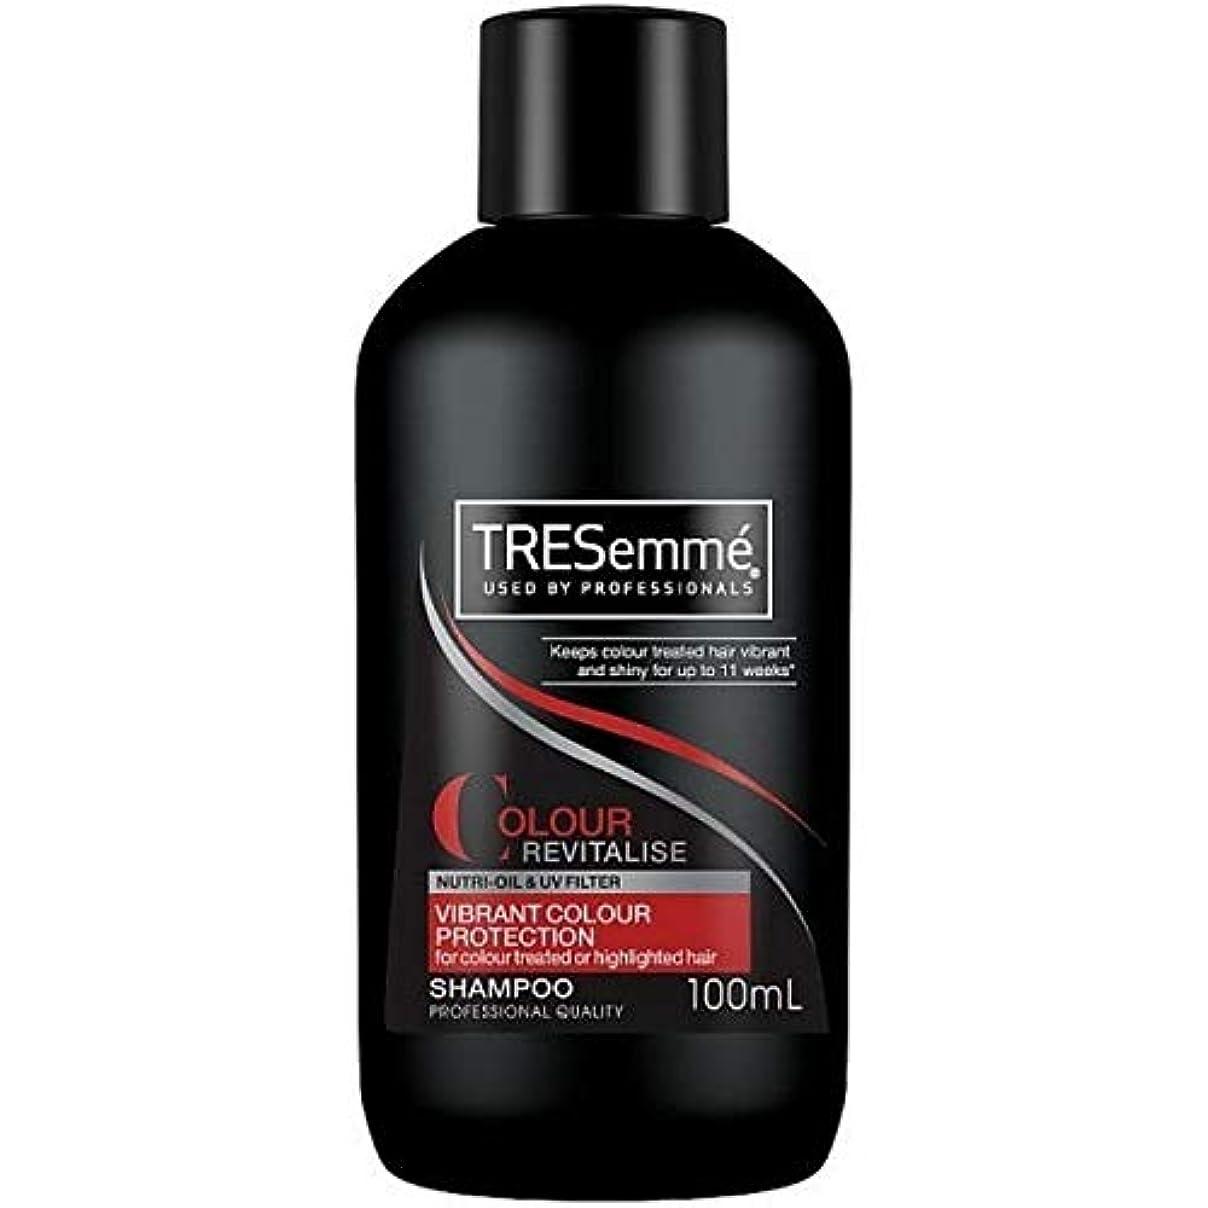 血まみれの九時四十五分ラップ[Tresemme] Tresemme色はカラーフェードシャンプー100ミリリットルを活性化 - TRESemme Colour Revitalise Colour Fade Shampoo 100ml [並行輸入品]